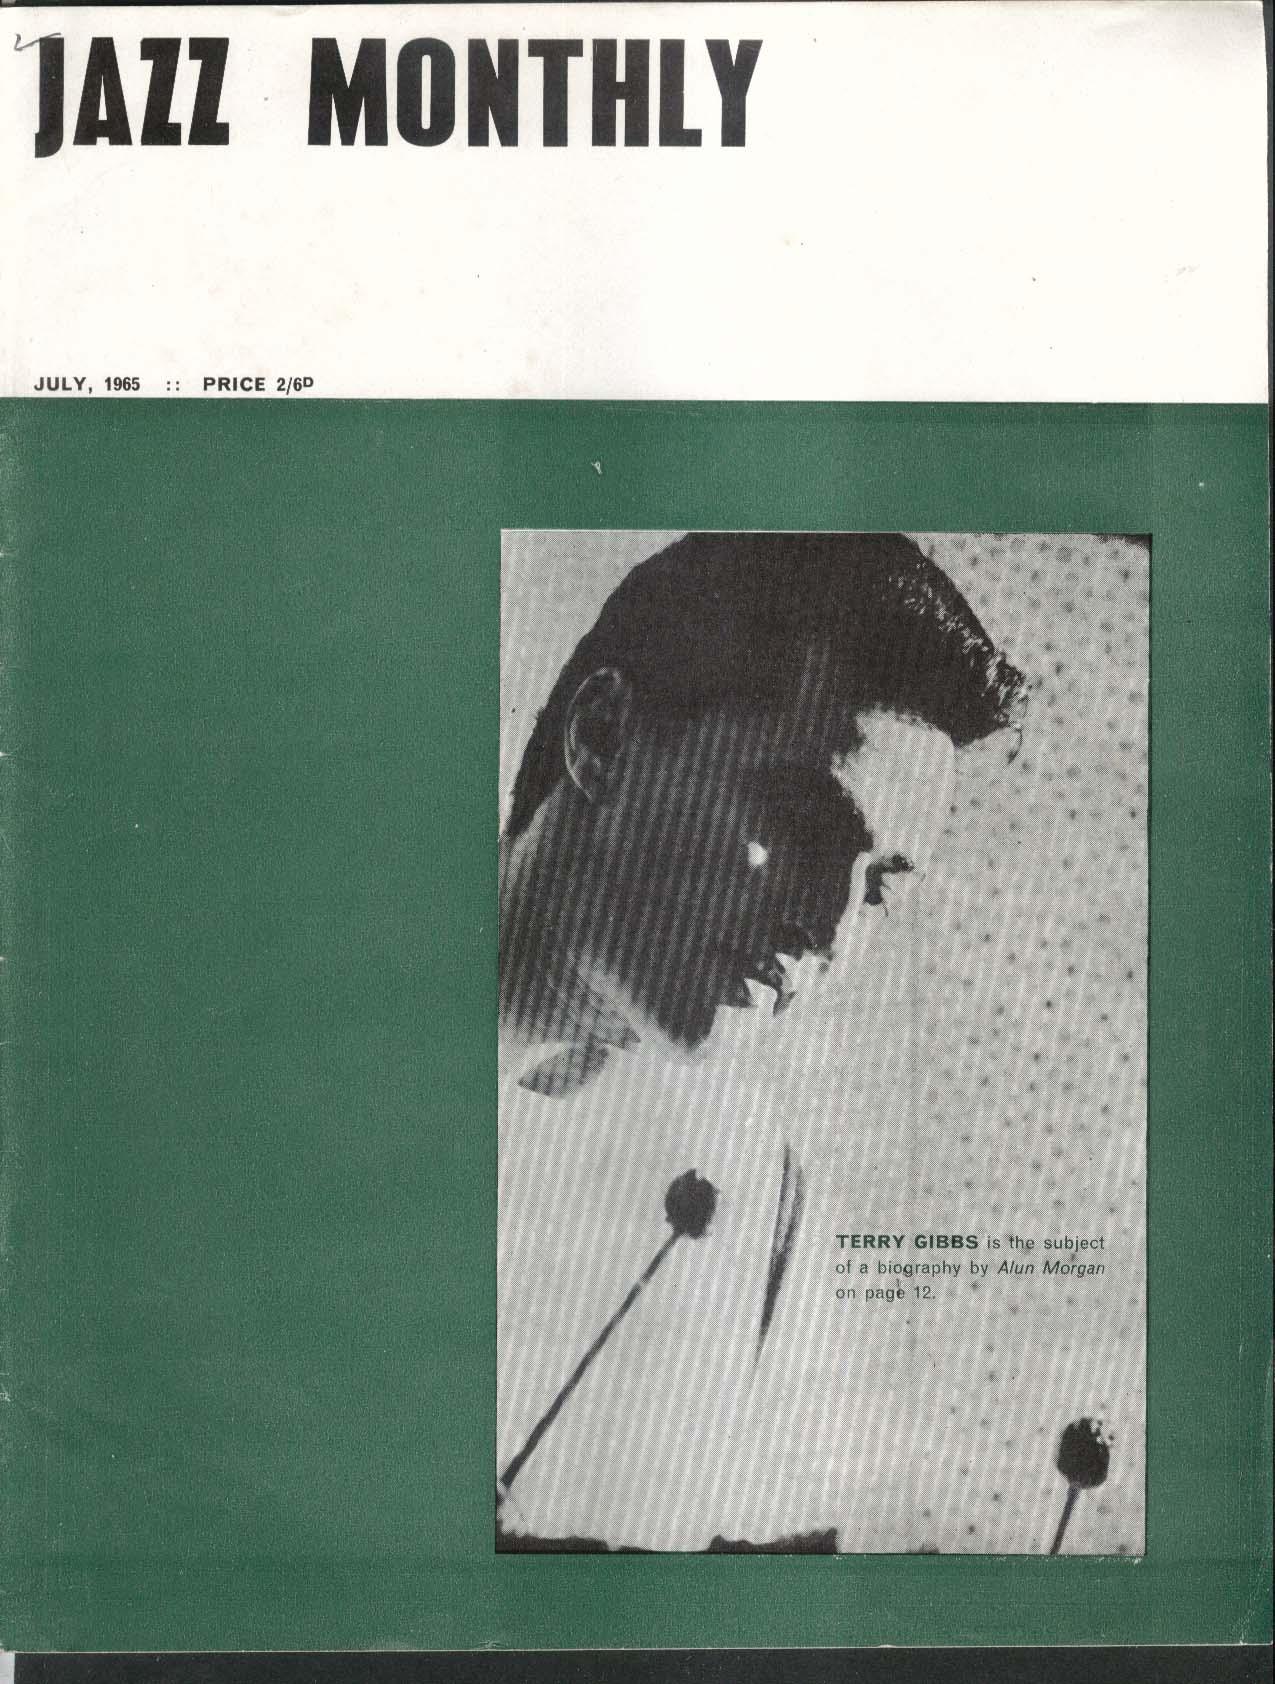 JAZZ MONTHLY Terry Gibbs Bill Evans Ben Webster 7 1965